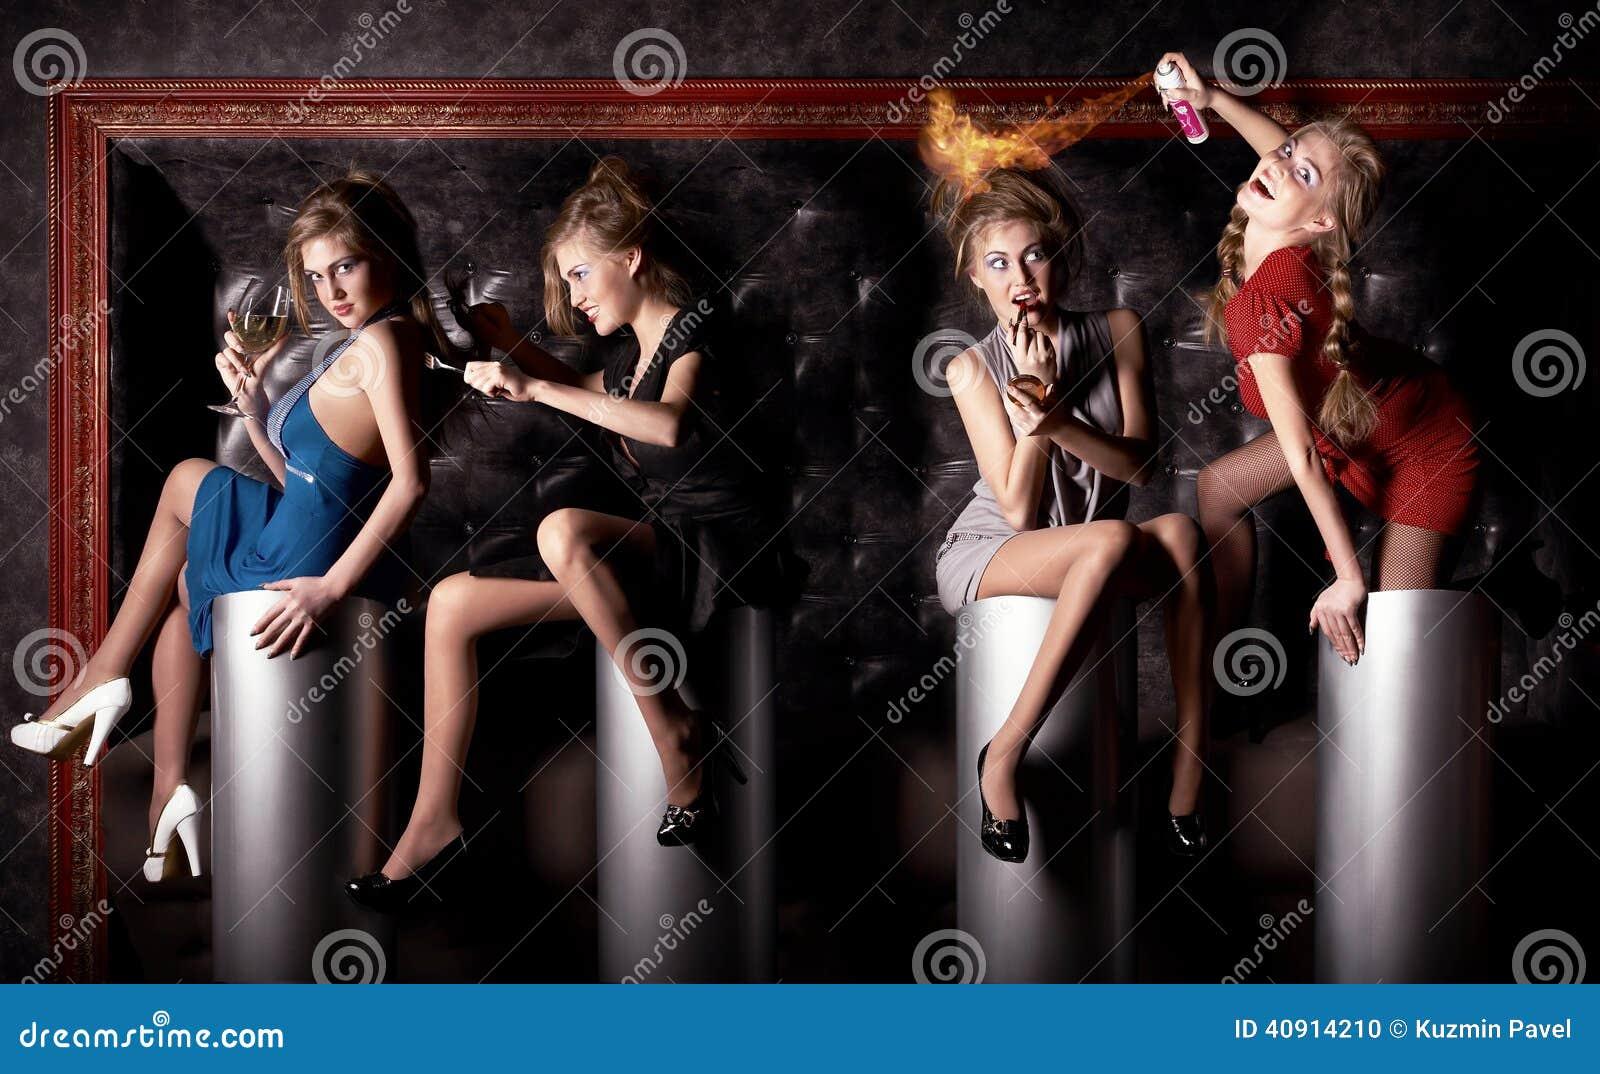 Девушки для работы клубах работа для девушек после декрета